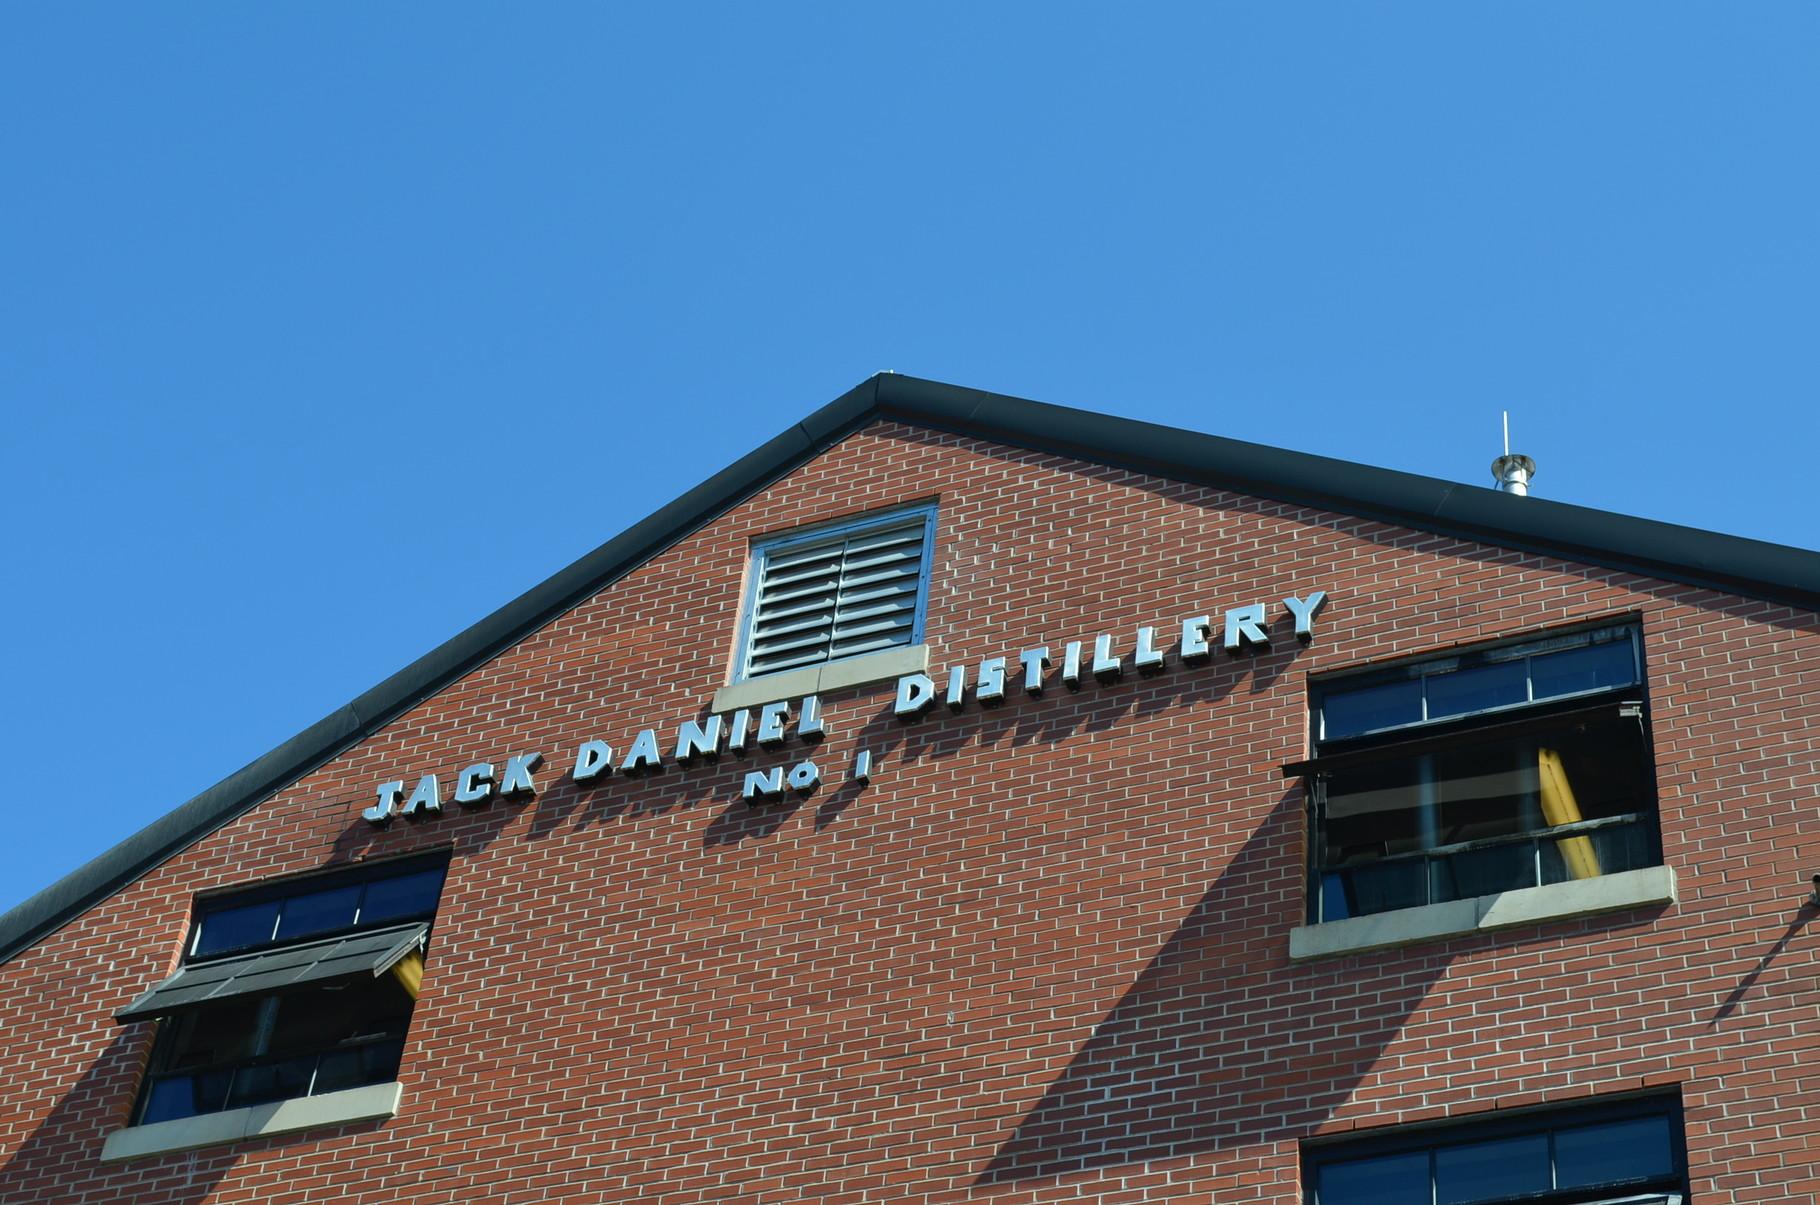 allererste registrierte Destillerie in den USA